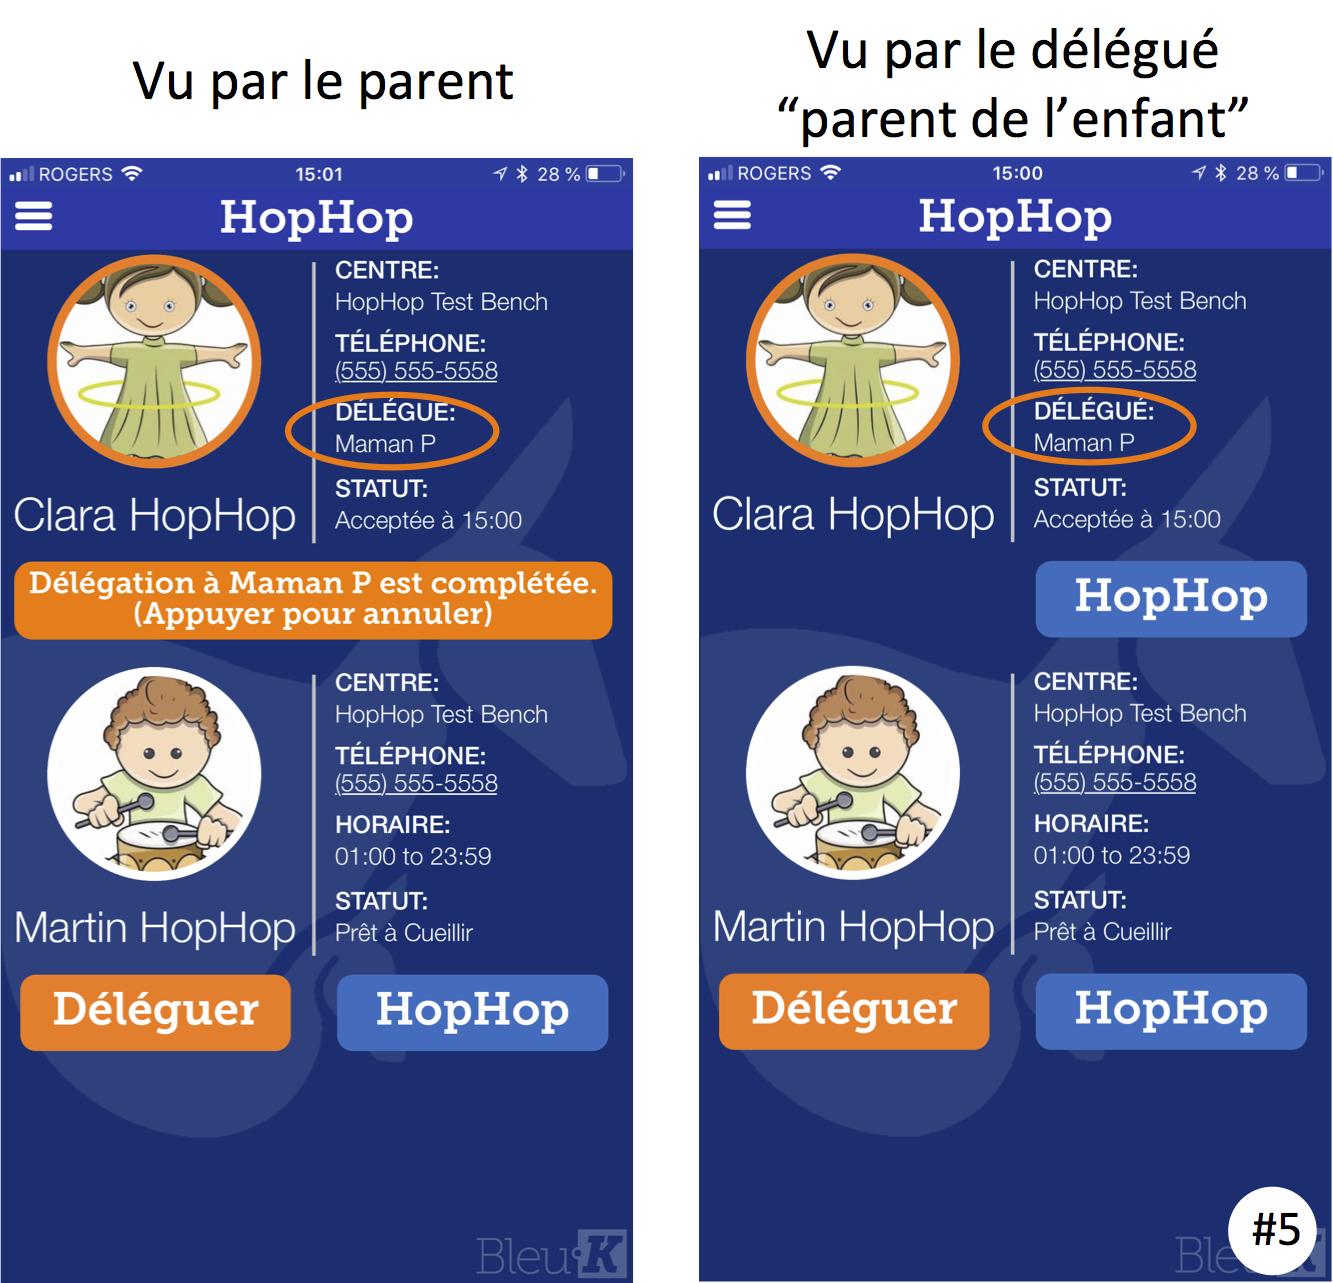 Deleguer_parent_FR_5